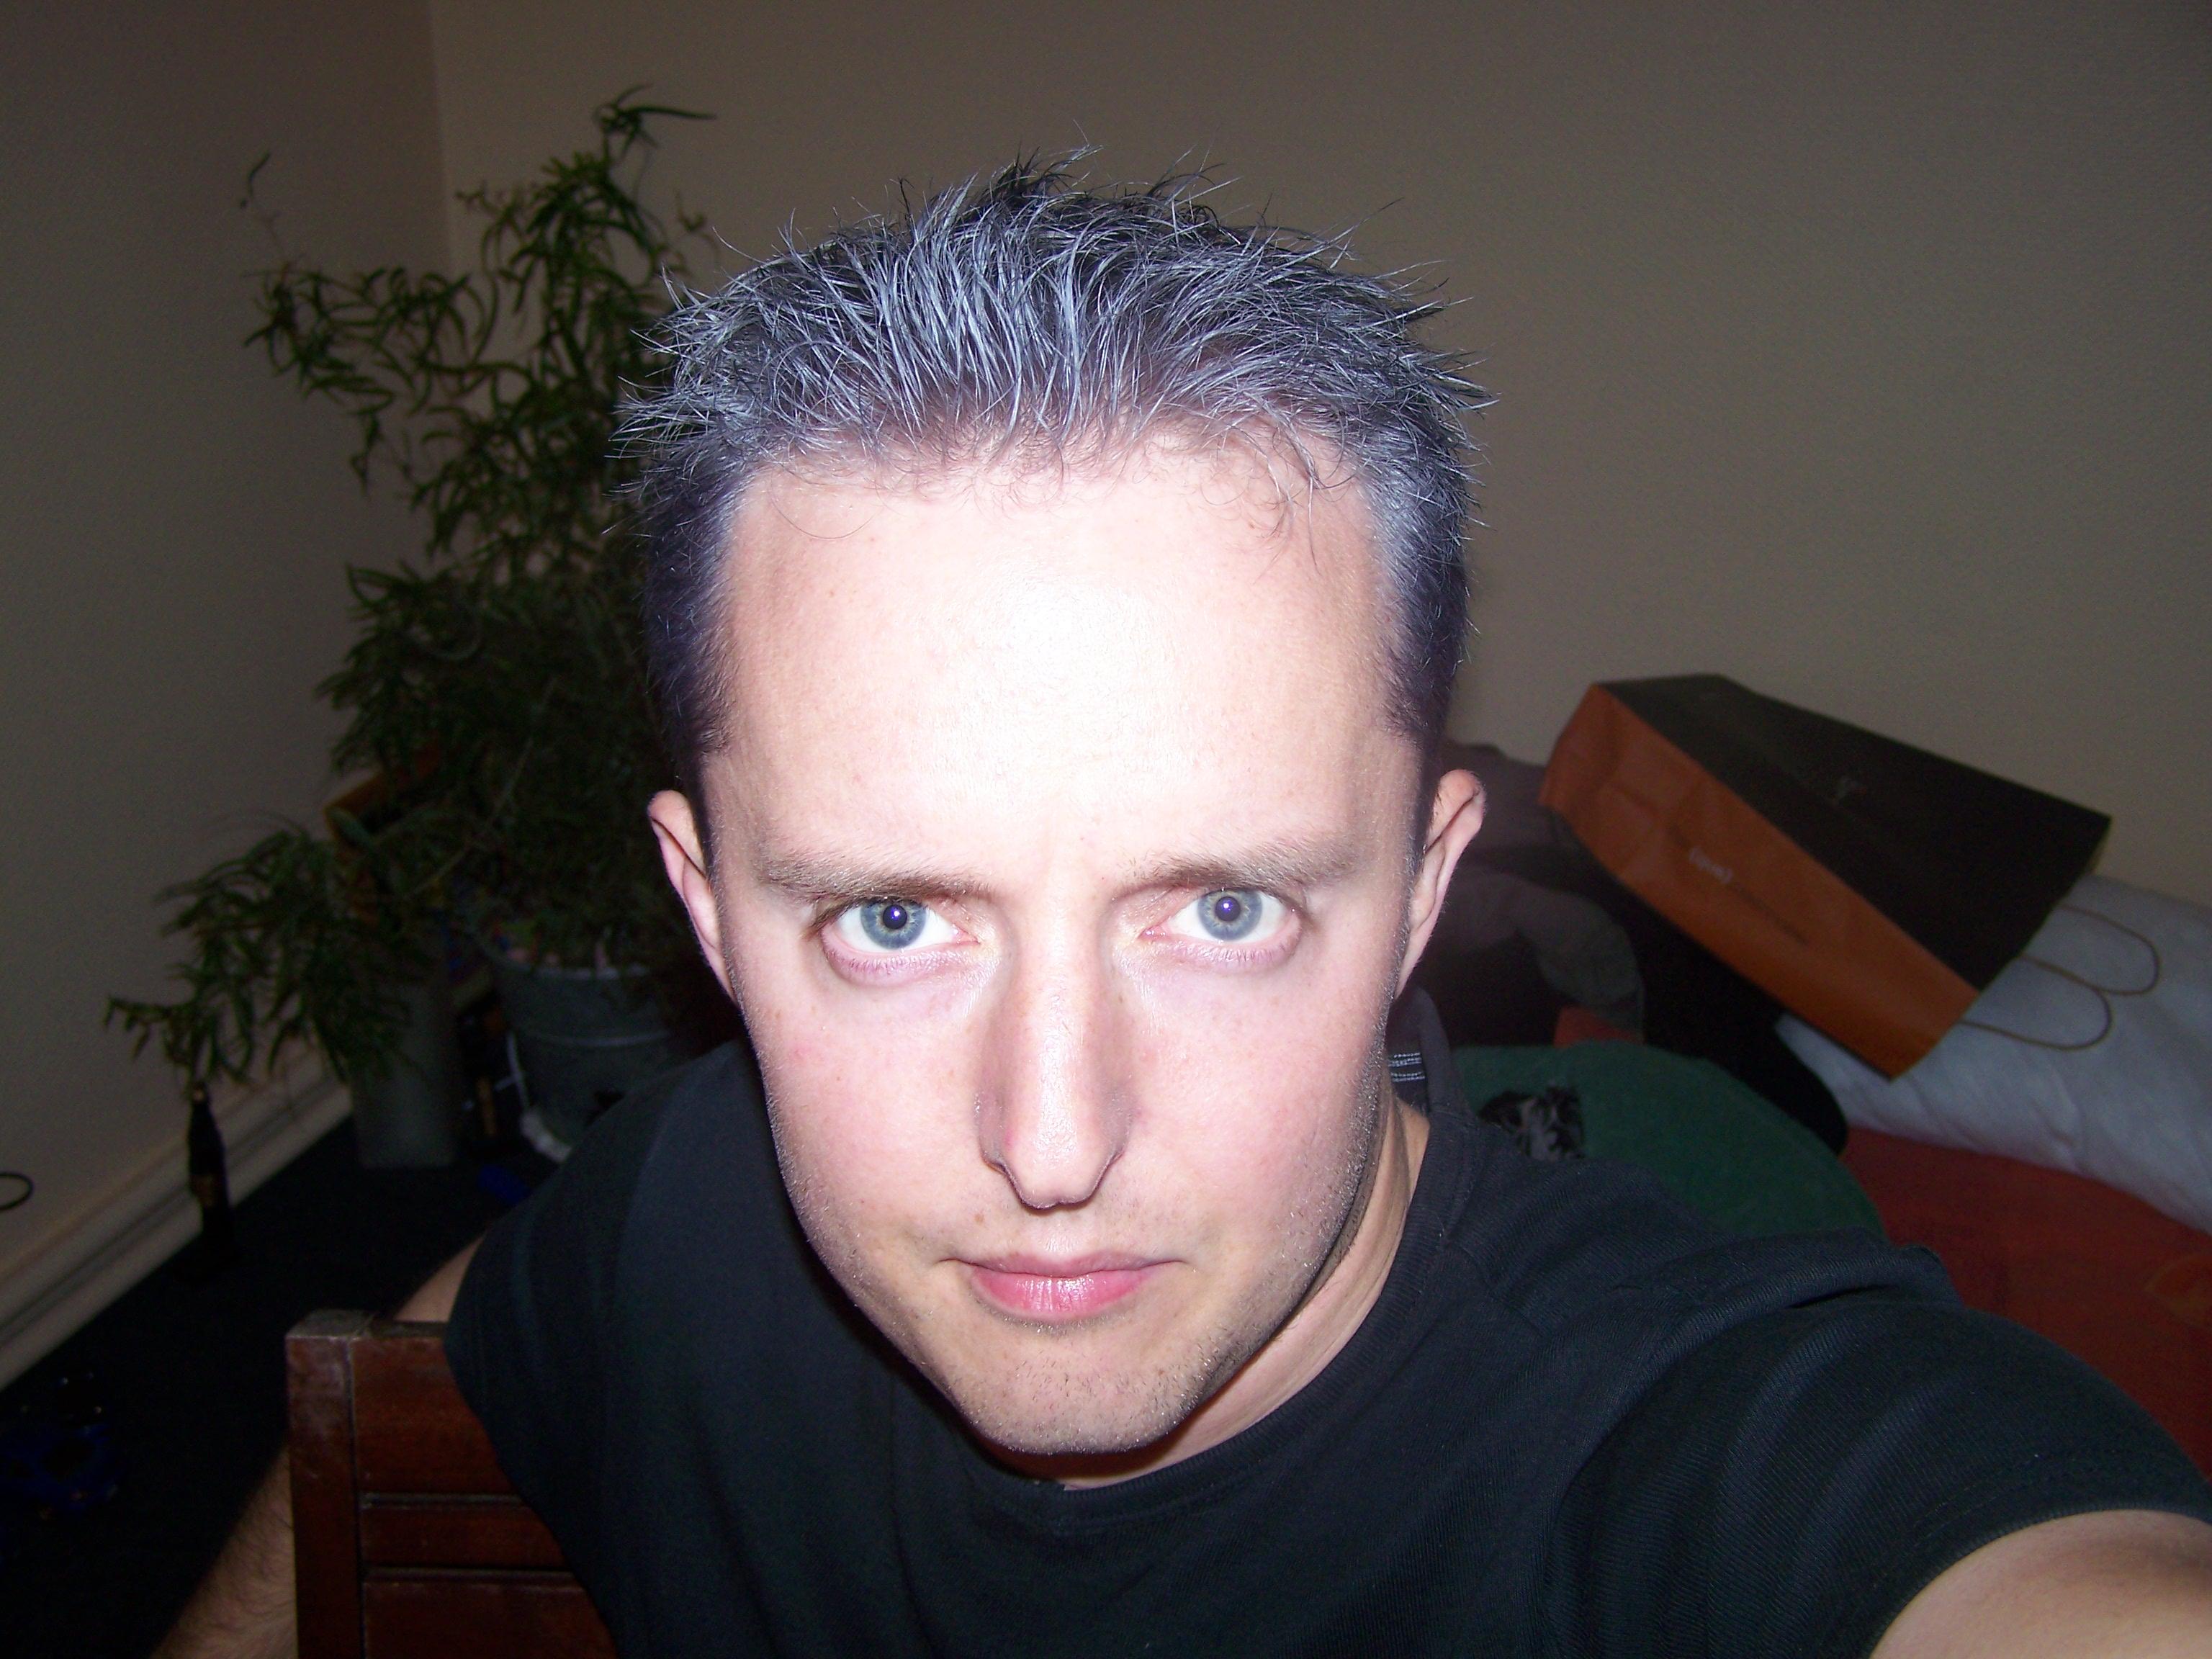 Couleur meche cheveux homme coiffures de mode moderne - Meche rouge homme ...